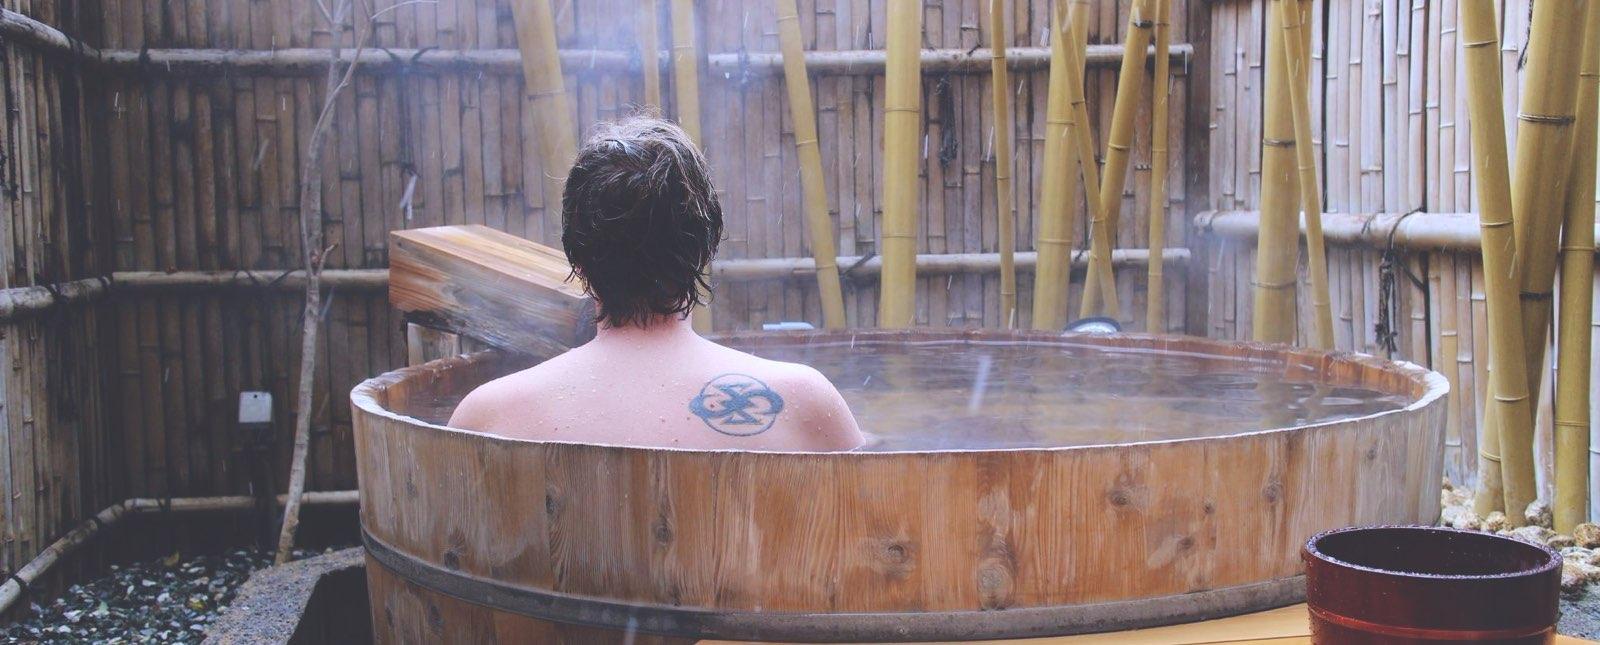 por-que-en-japon-esta-prohibido-entrar-a-los-onsen-con-tatuajes